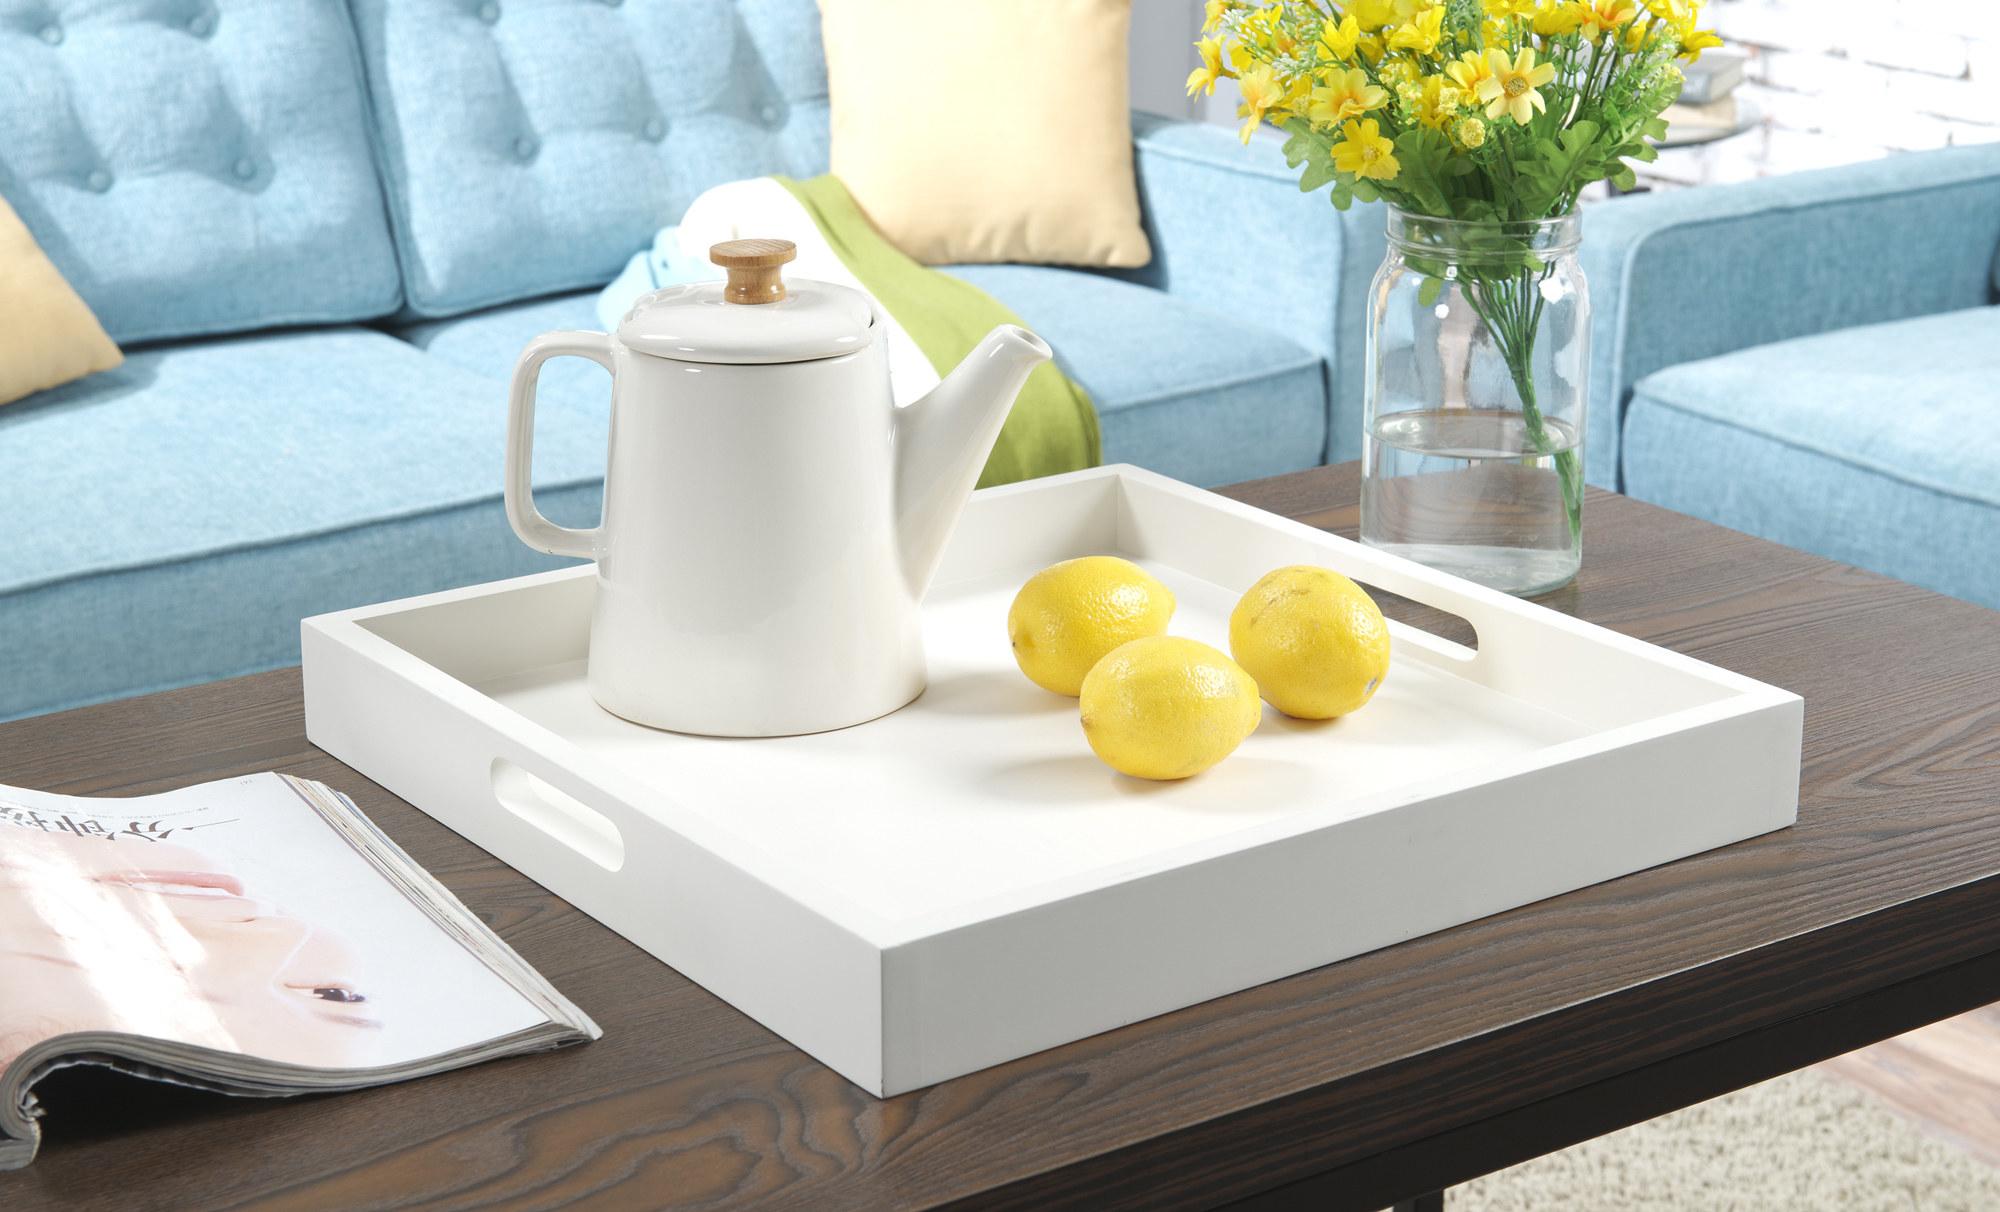 The white tray